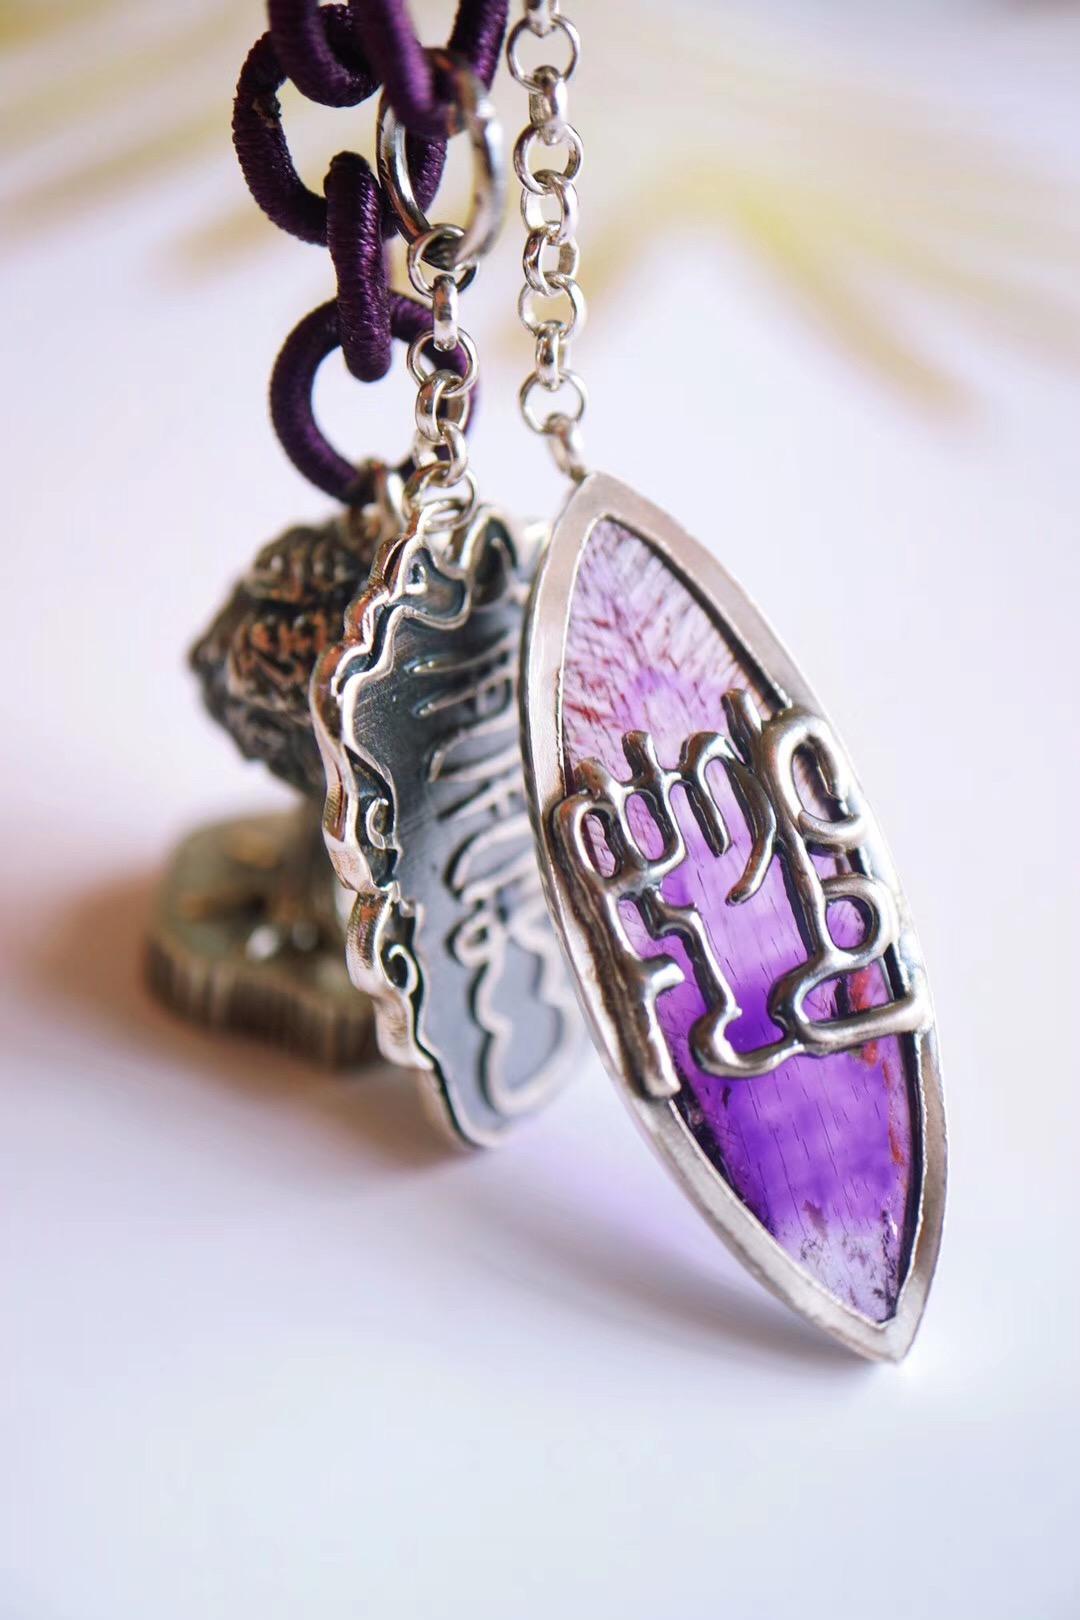 【菩心-钥匙扣&紫发晶】给结婚十多年的男朋友定制的紫气东来钥匙扣-菩心晶舍